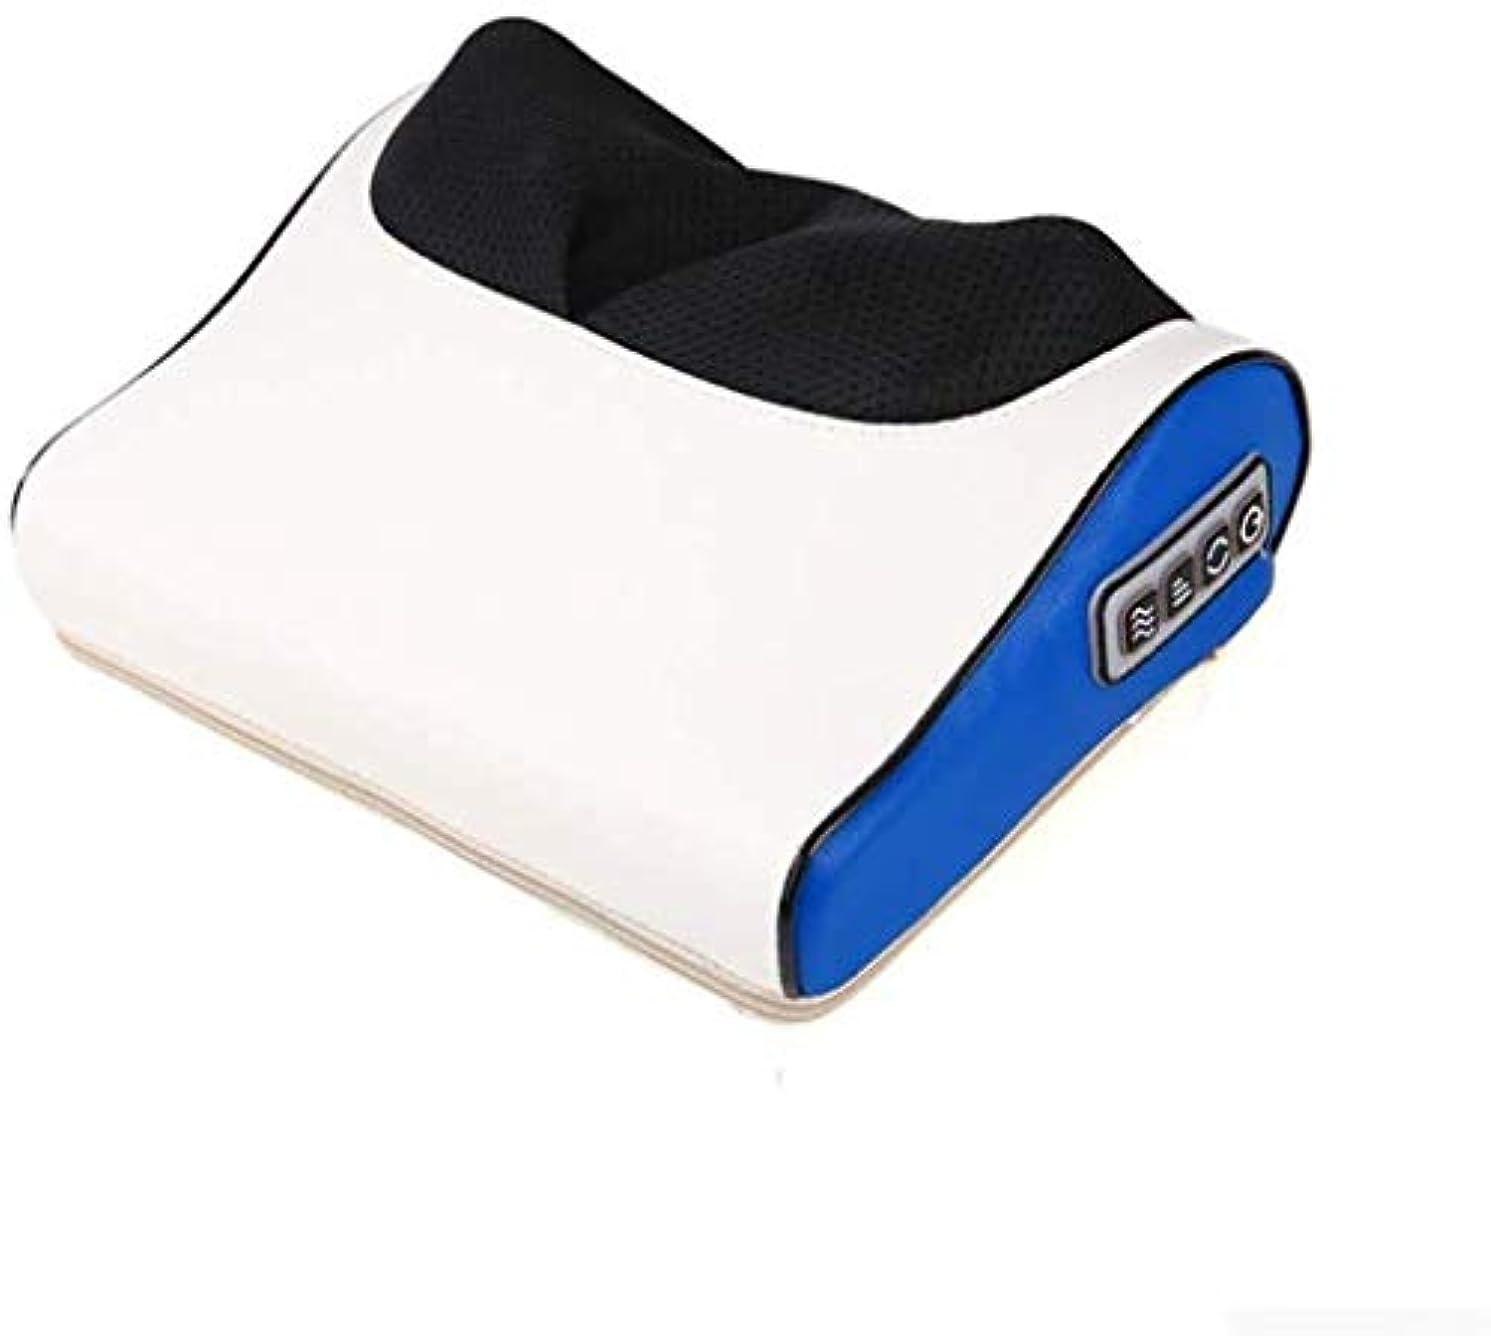 乗って経過スローマッサージ枕、赤外線/温水首/肩/戻る電気マッサージ、指圧マッサージ機器、痛み/ストレスを解消、疲労を和らげます (Color : 青, Size : One size)